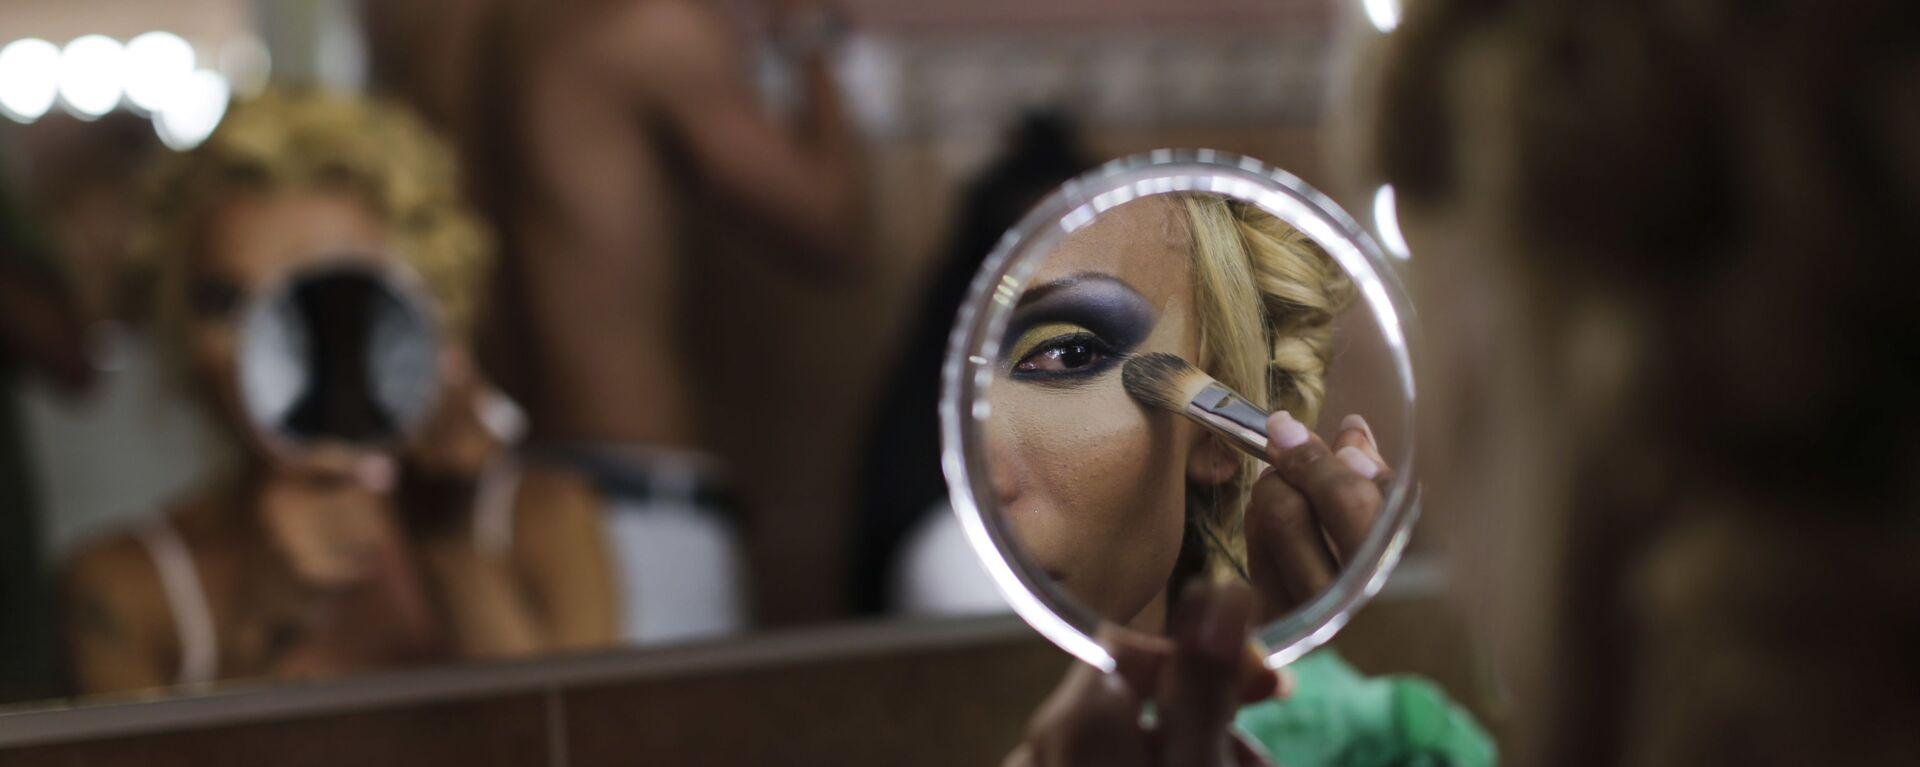 Concursante del espectáculo Miss Trans Star International 2016 celebrado en Barcelona, España. 18 de septiembre de 2016 - Sputnik Mundo, 1920, 03.11.2020